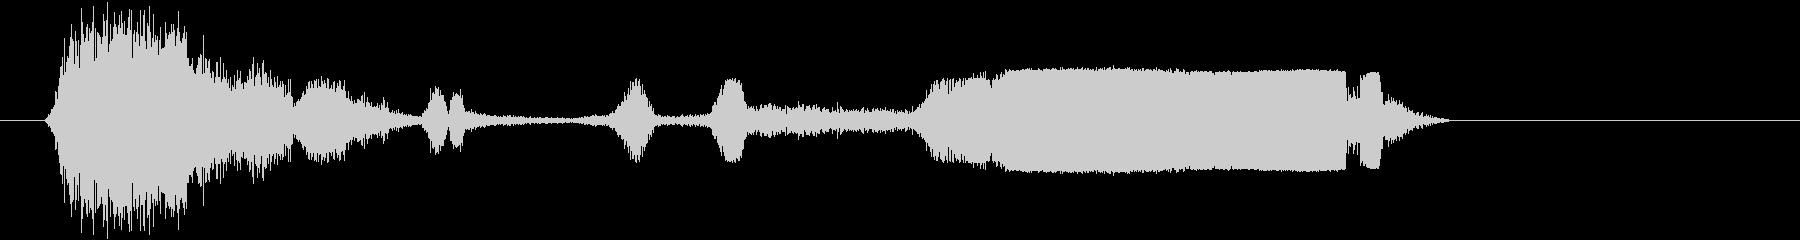 モンスタートラック; Revvin...の未再生の波形